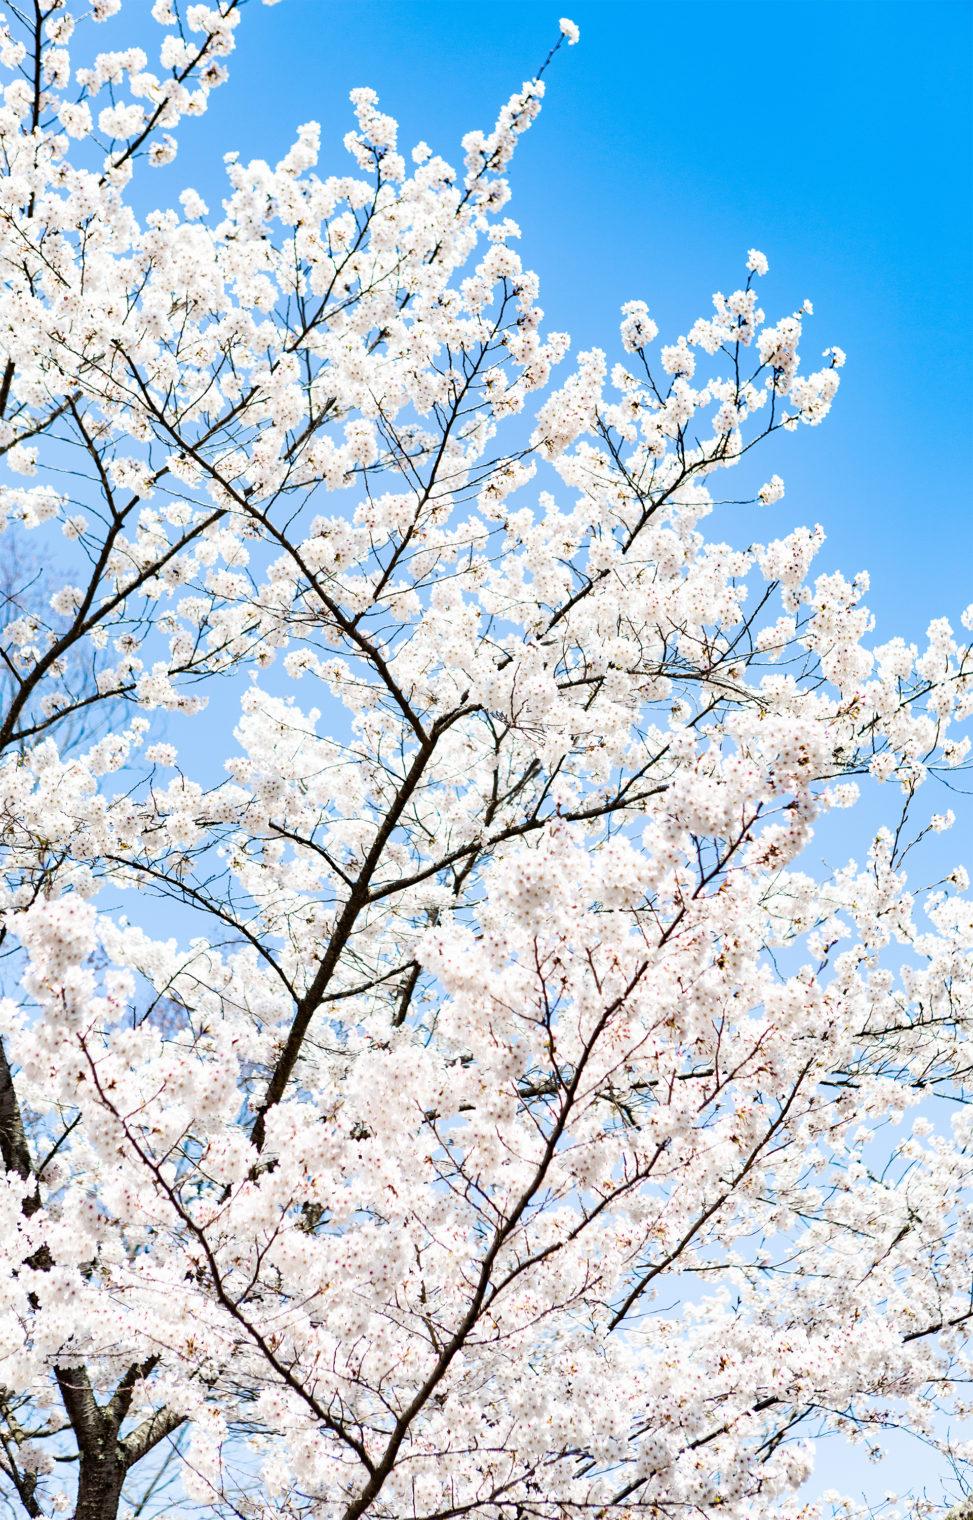 満開のソメイヨシノ(桜)03の写真素材